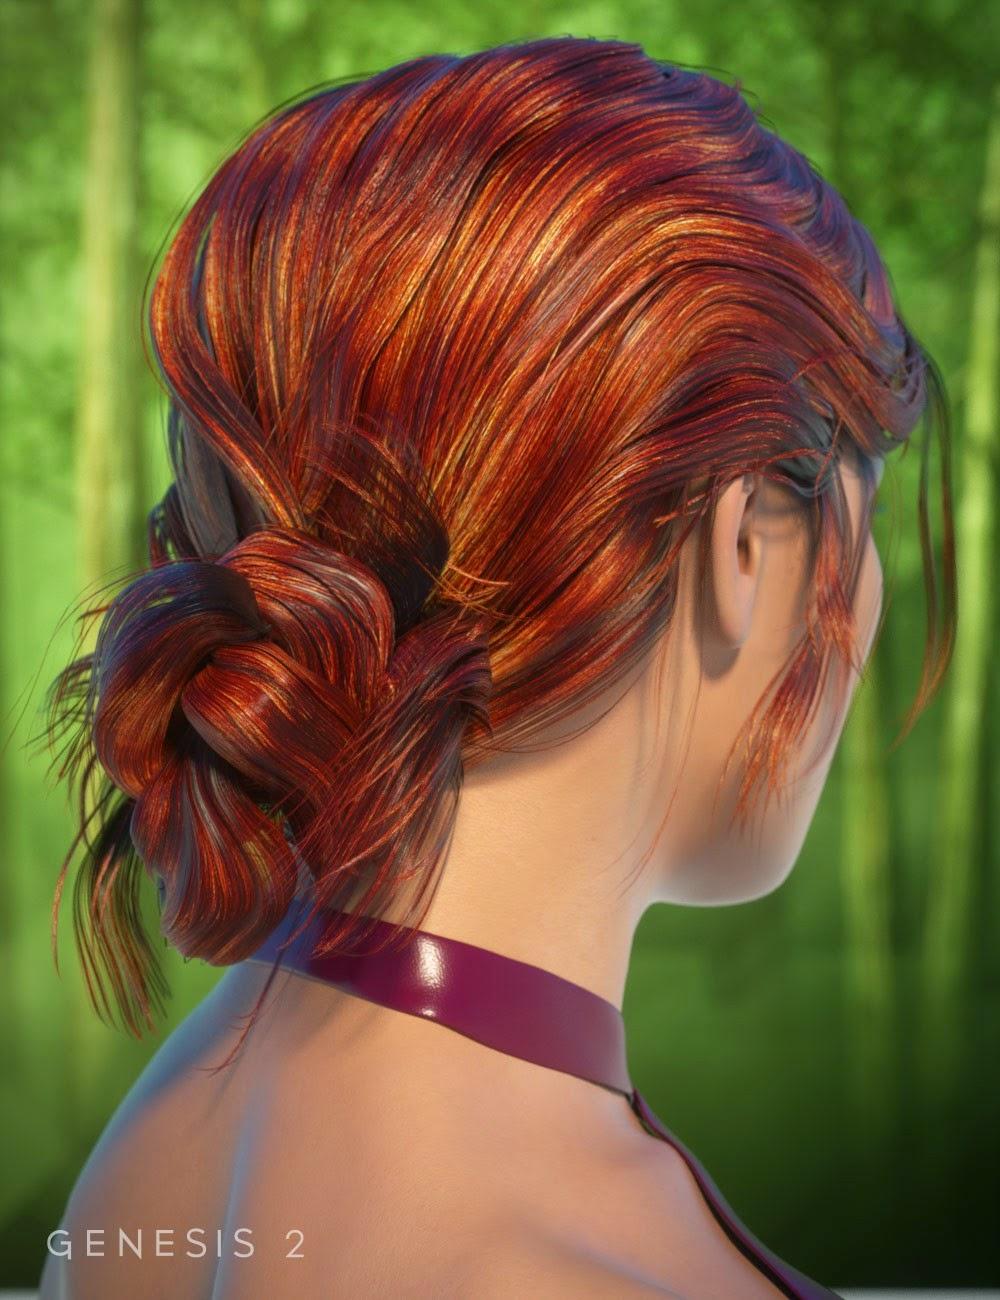 Char cheveux pour Genesis 2 Femme